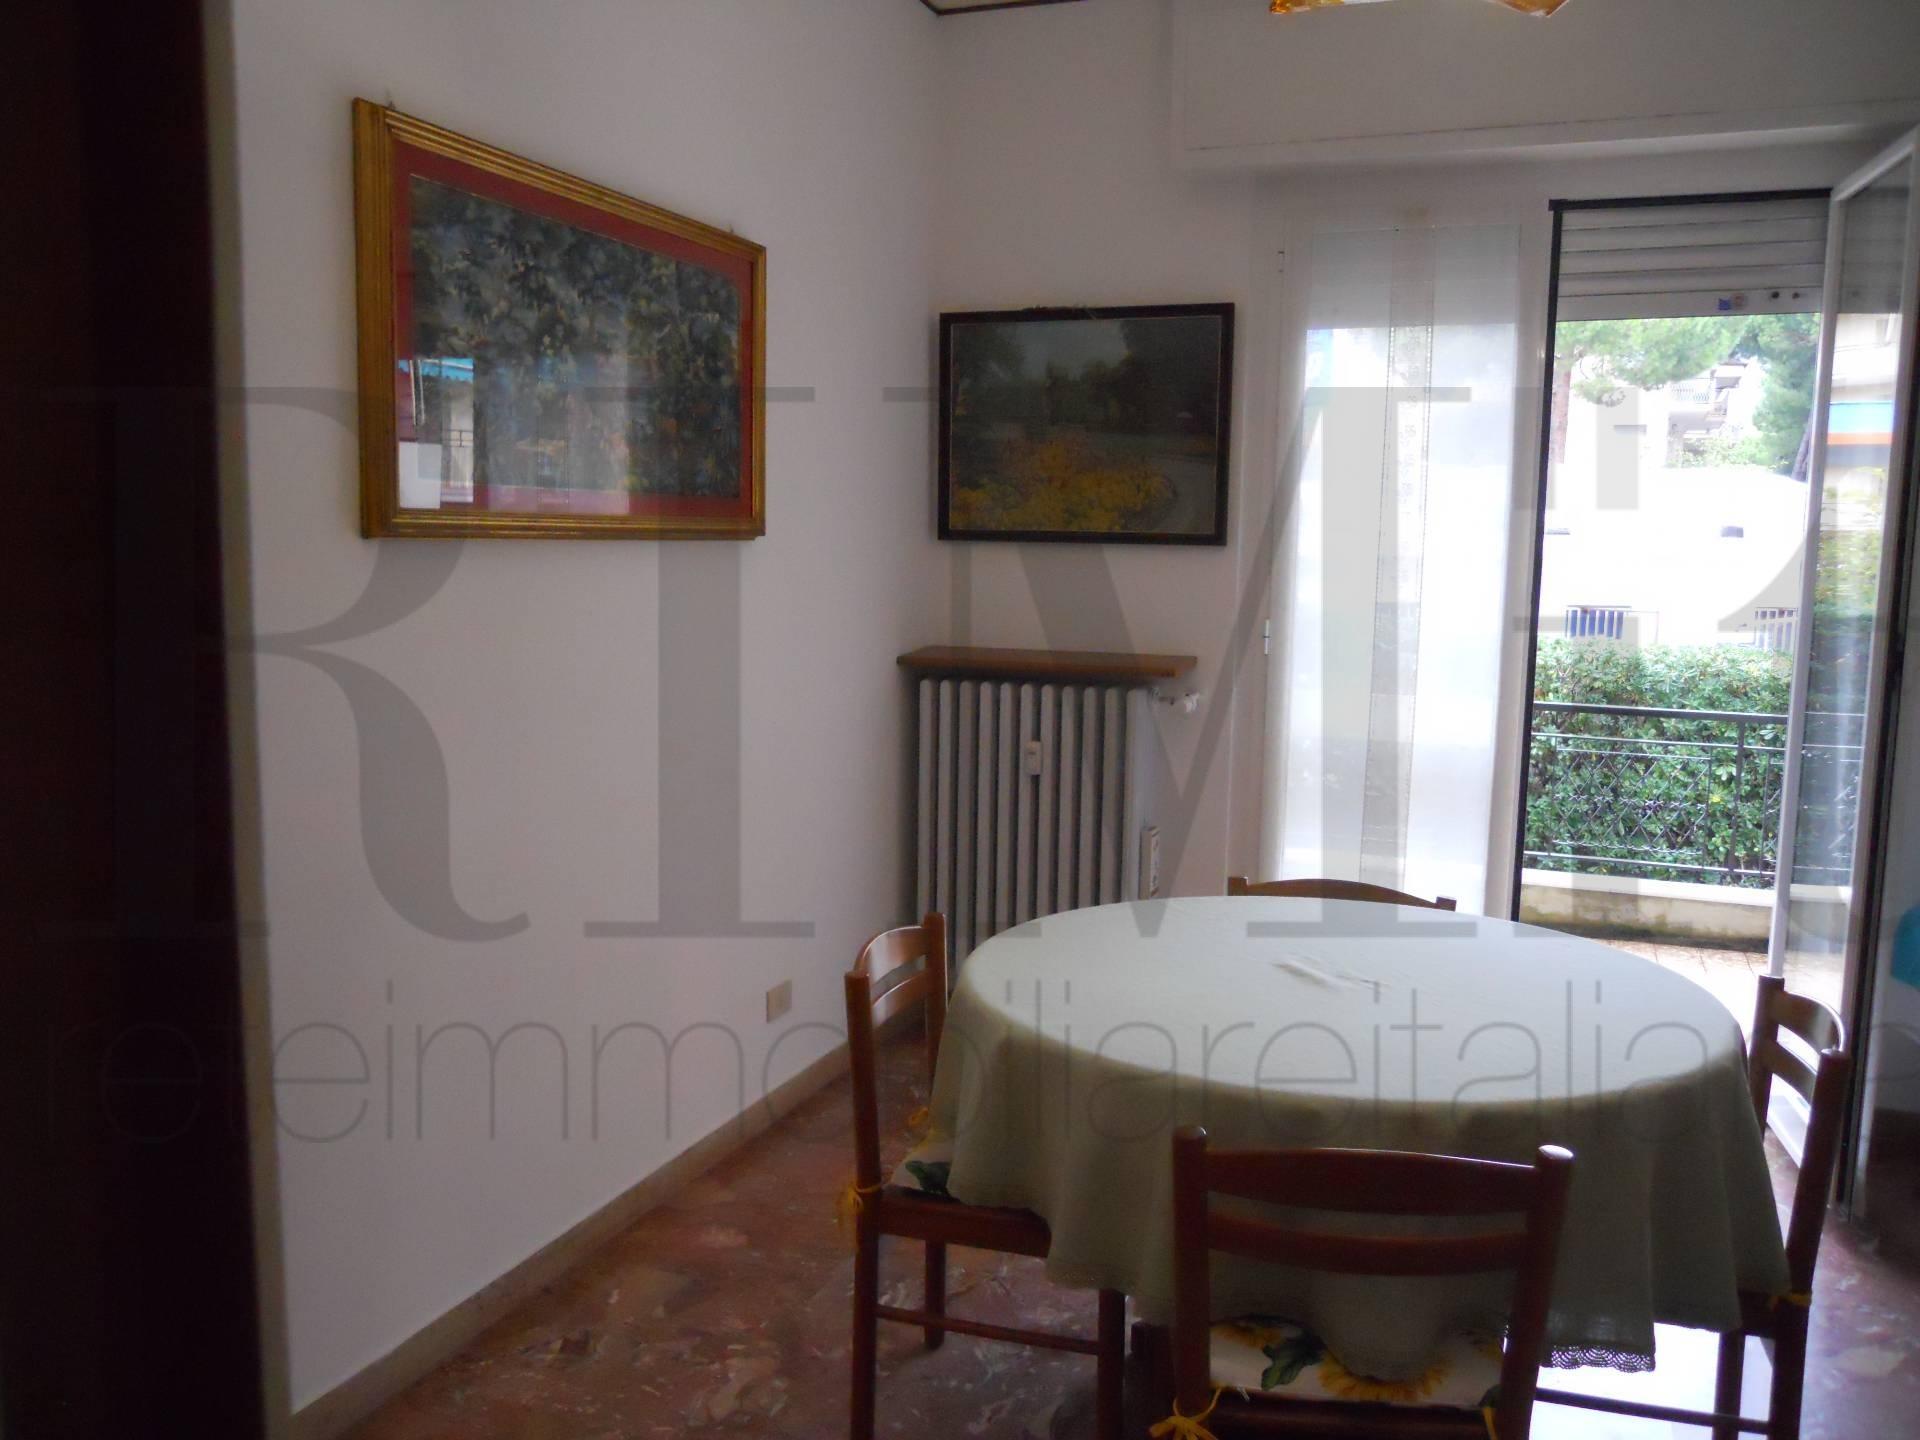 Appartamento in vendita a Loano, 3 locali, prezzo € 248.000 | CambioCasa.it